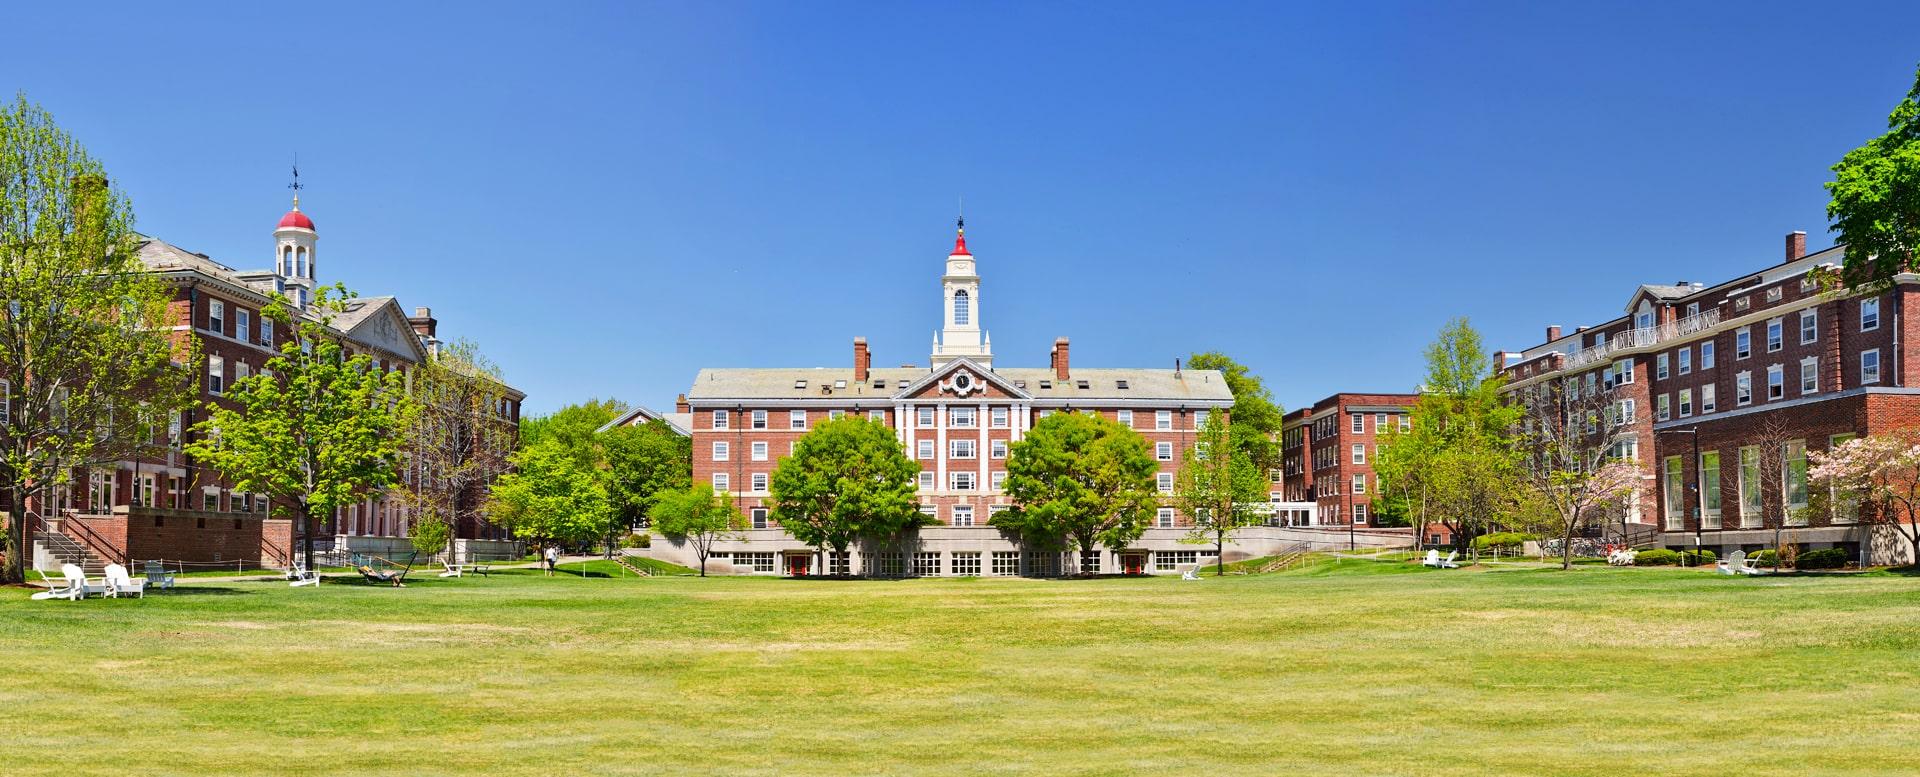 Curso de verano de preparación de acceso a universidades americanas en Boston